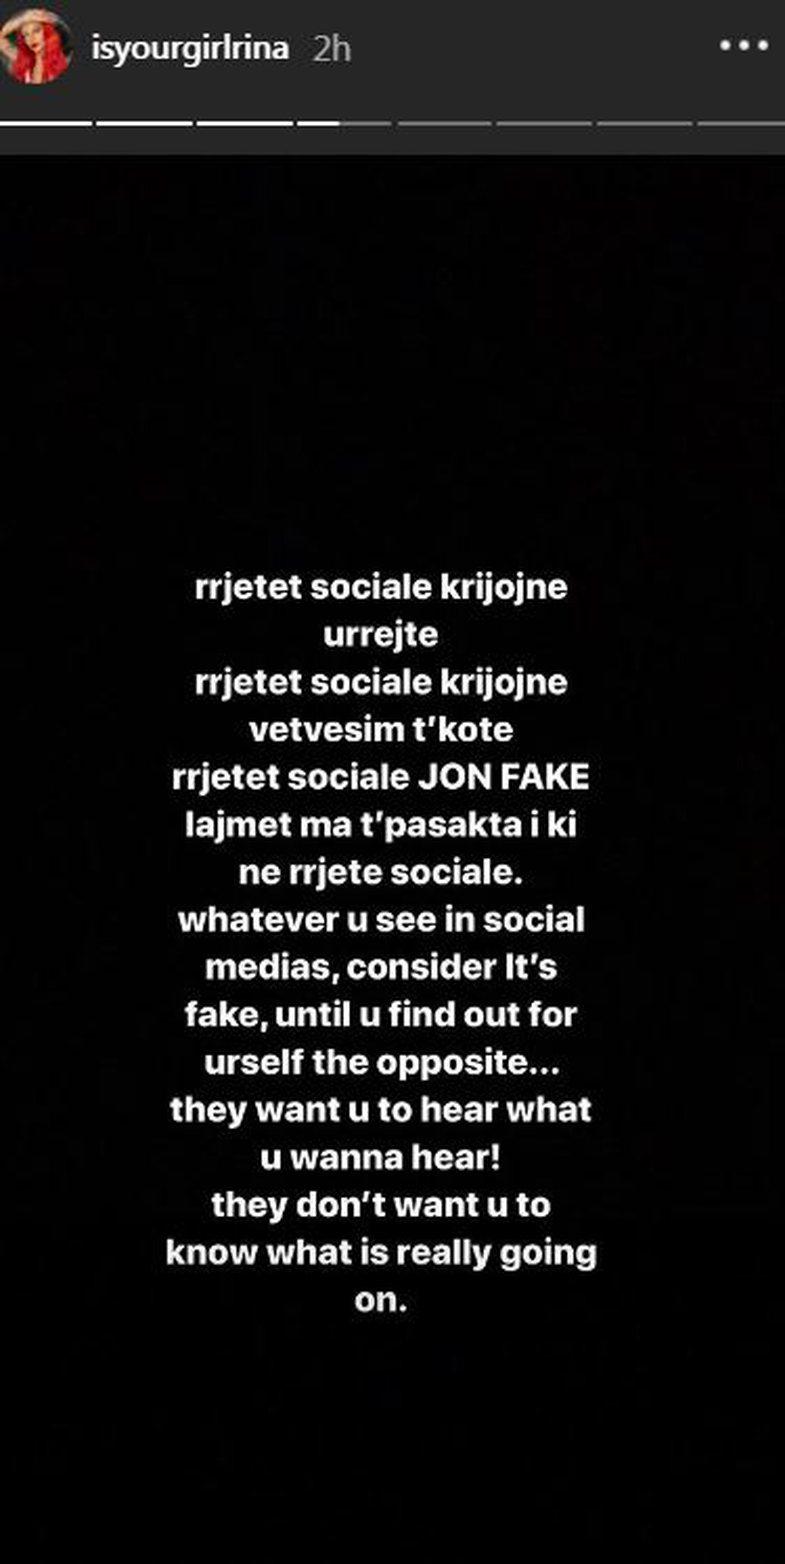 Rina reagon për herë të parë rreth Instagram-it: